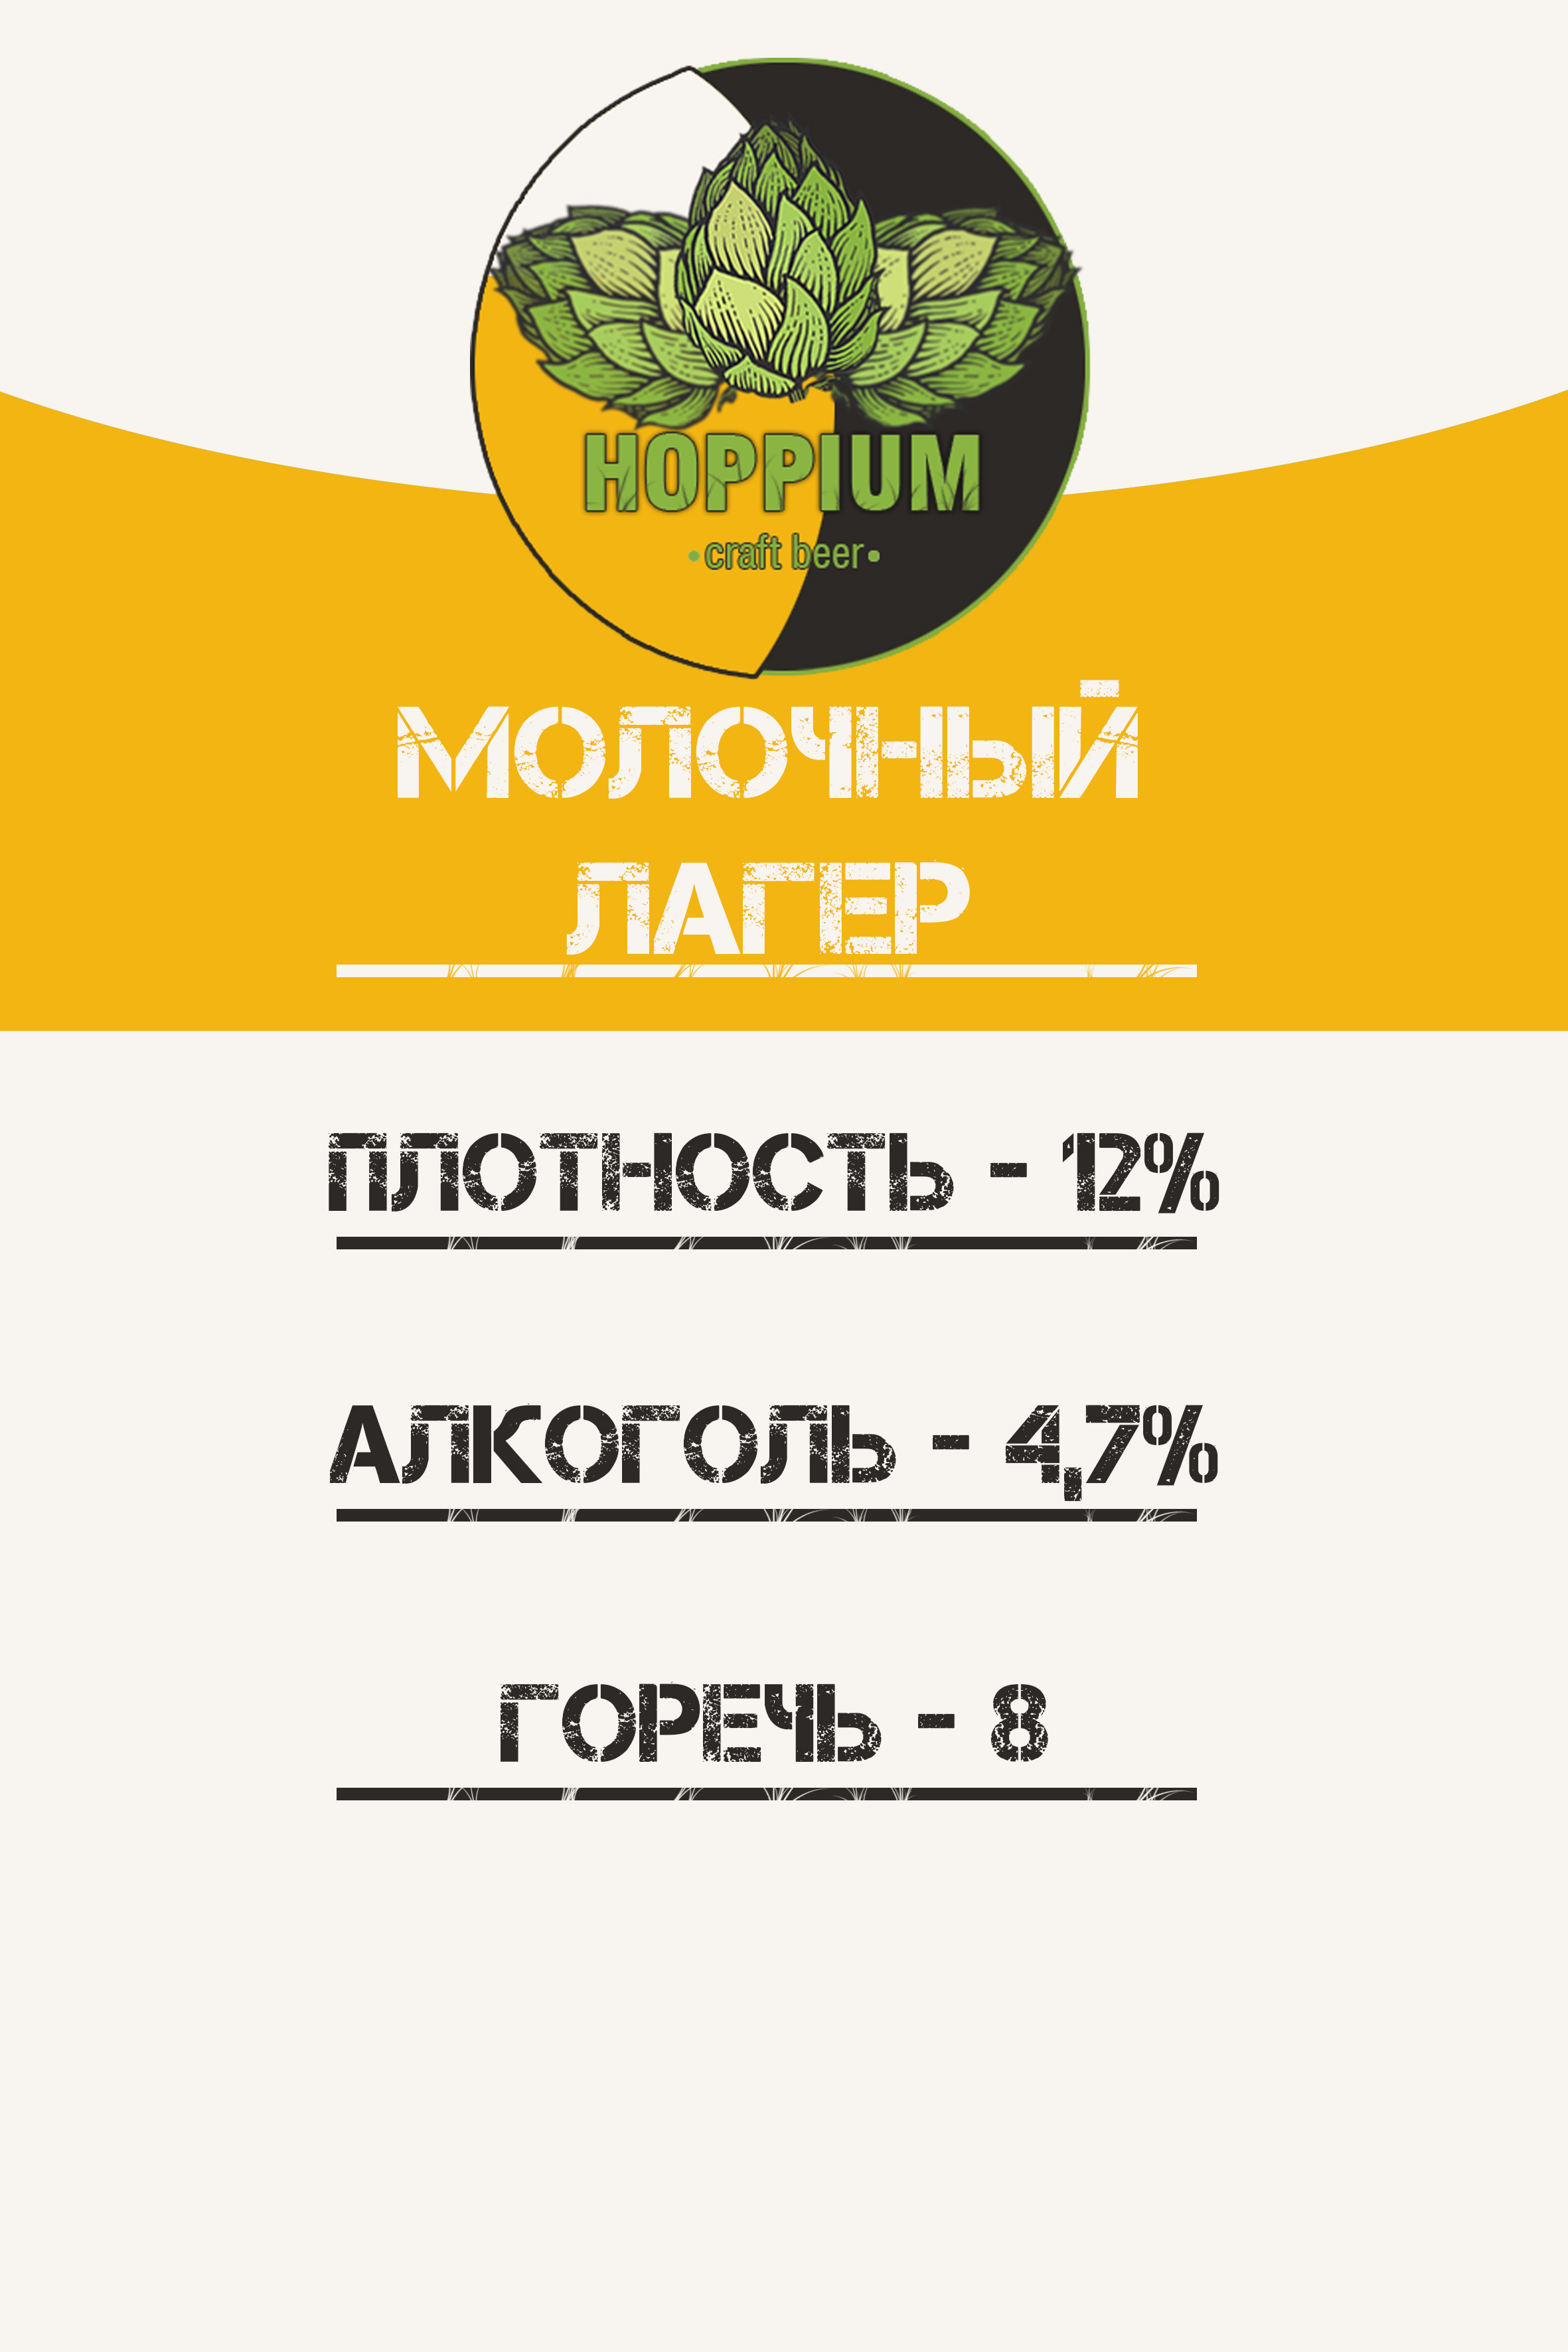 Логотип + Ценники для подмосковной крафтовой пивоварни фото f_6215dbdebb4c2de4.jpg